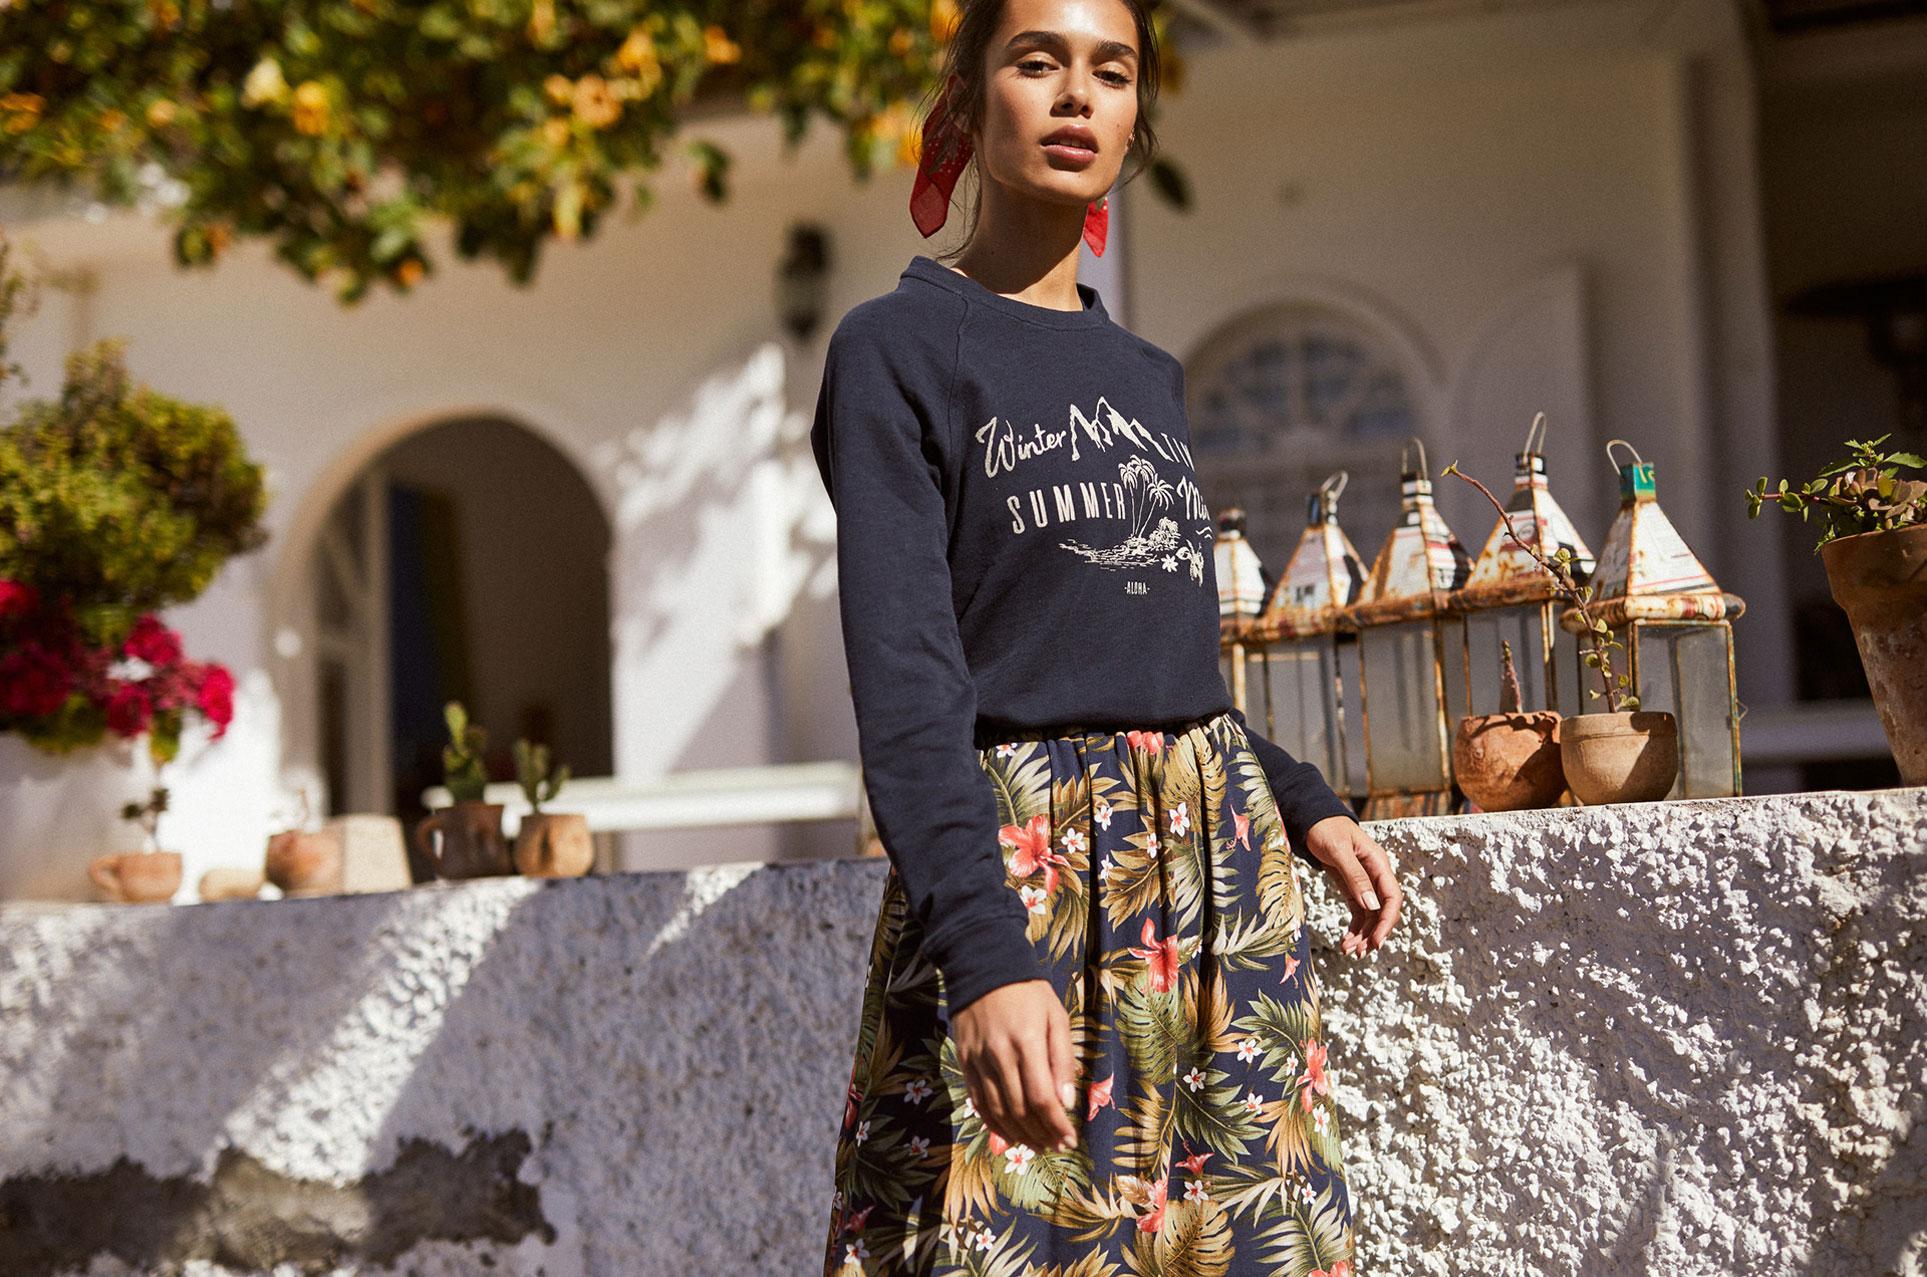 Наринэ Матецкая в модной одежде BananaMoon, коллекция осень/зима 2019/20 / фото 01